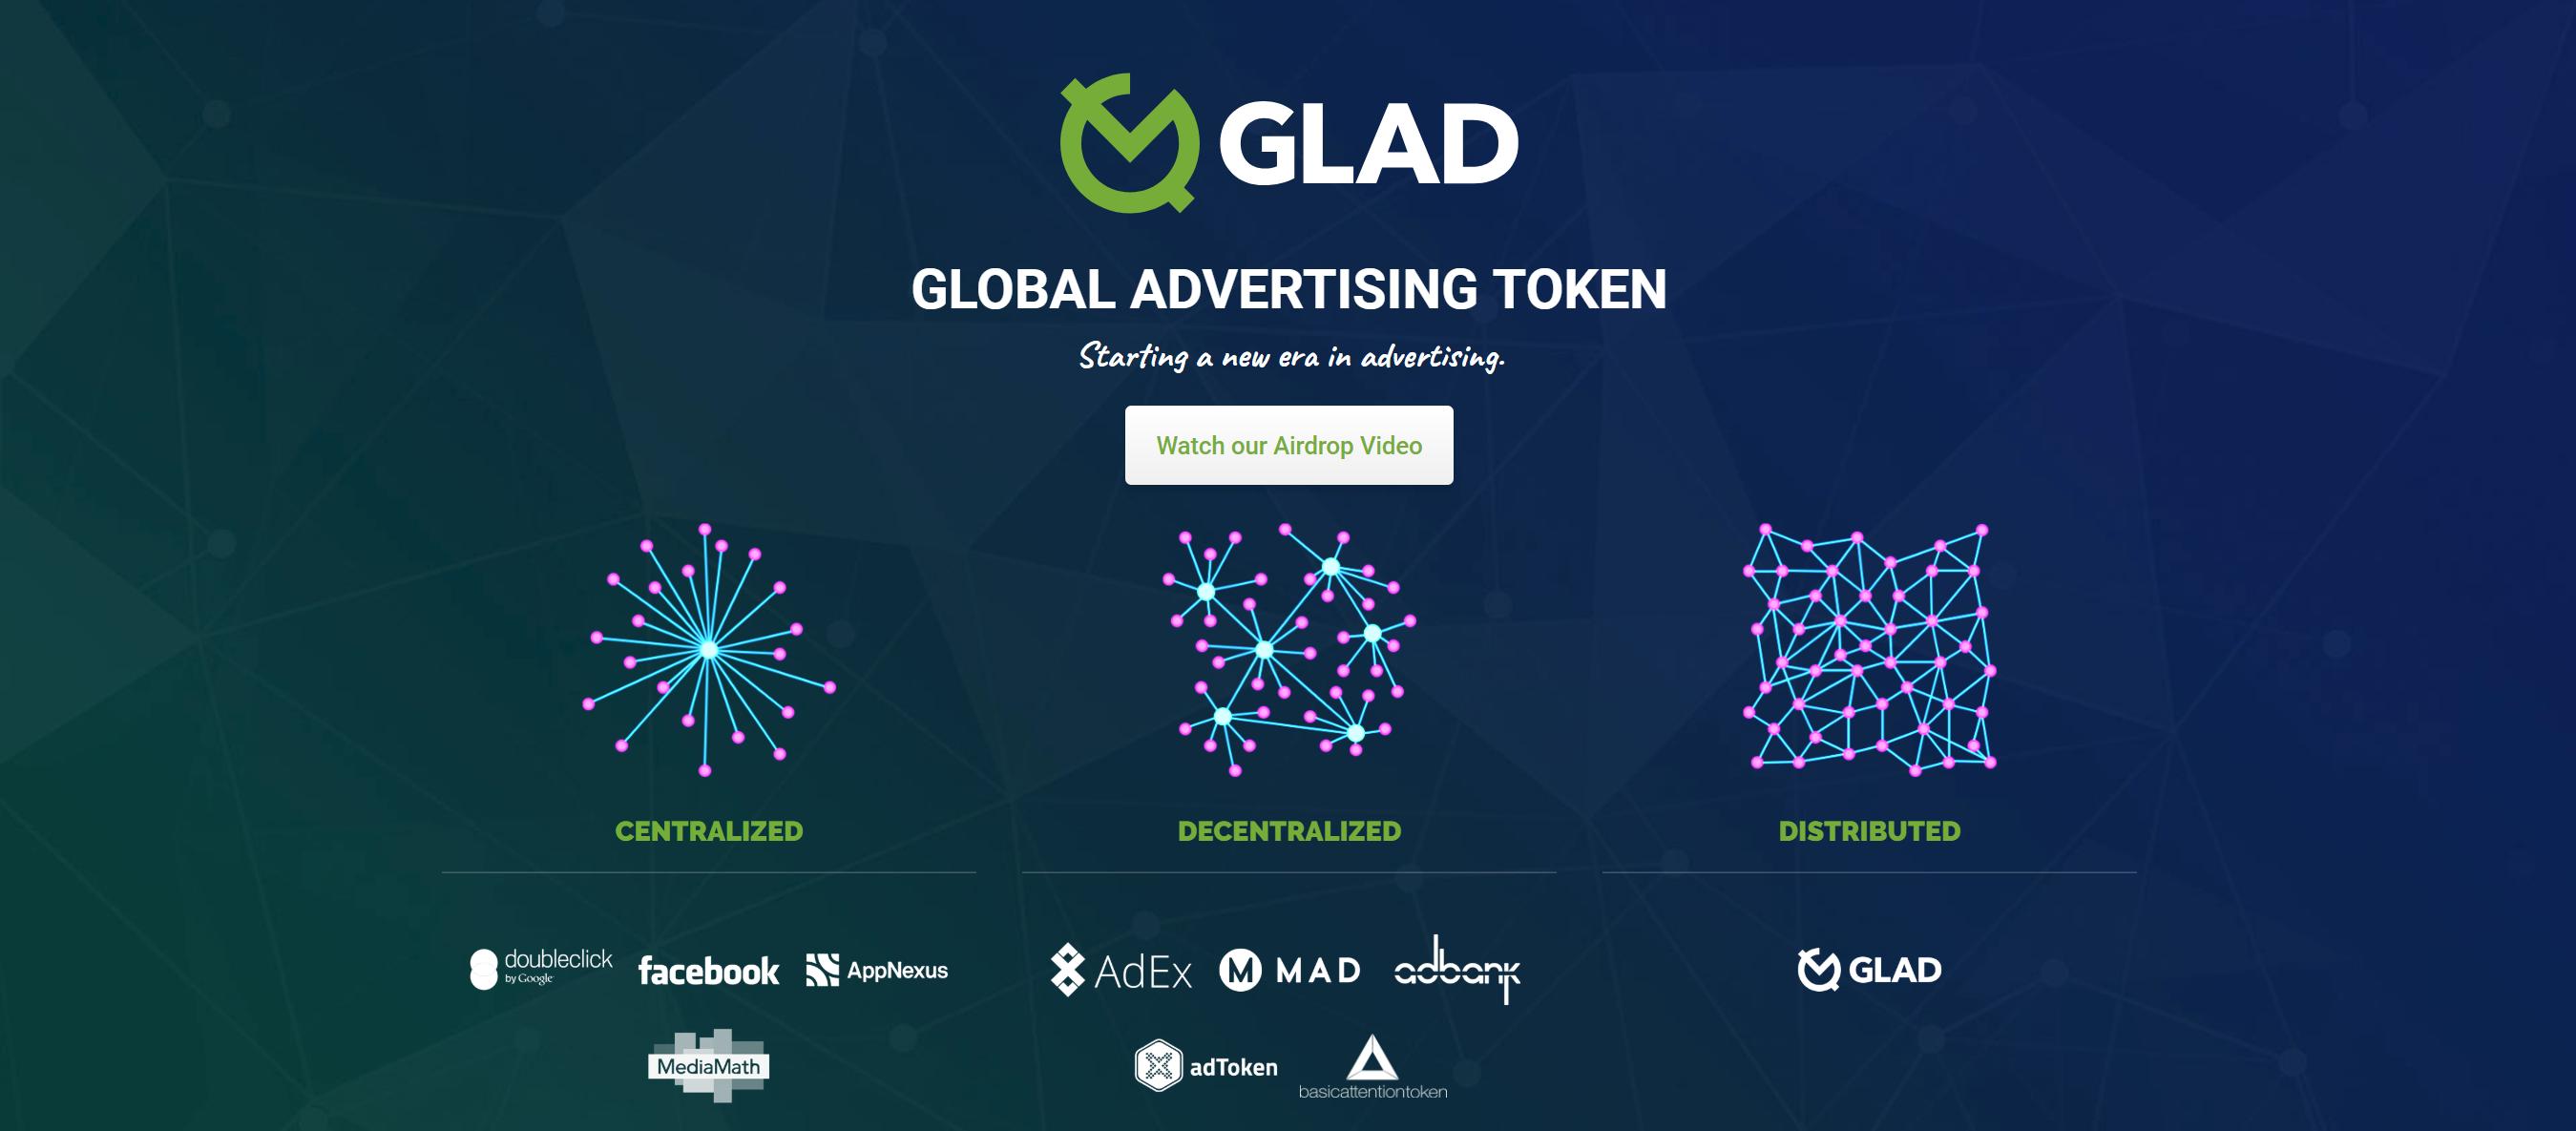 仮想通貨、ICO、AirDrop、エアドロップ、始め方、基礎、基本、仮想通貨とは何か、ビットコイン、購入、GLAD